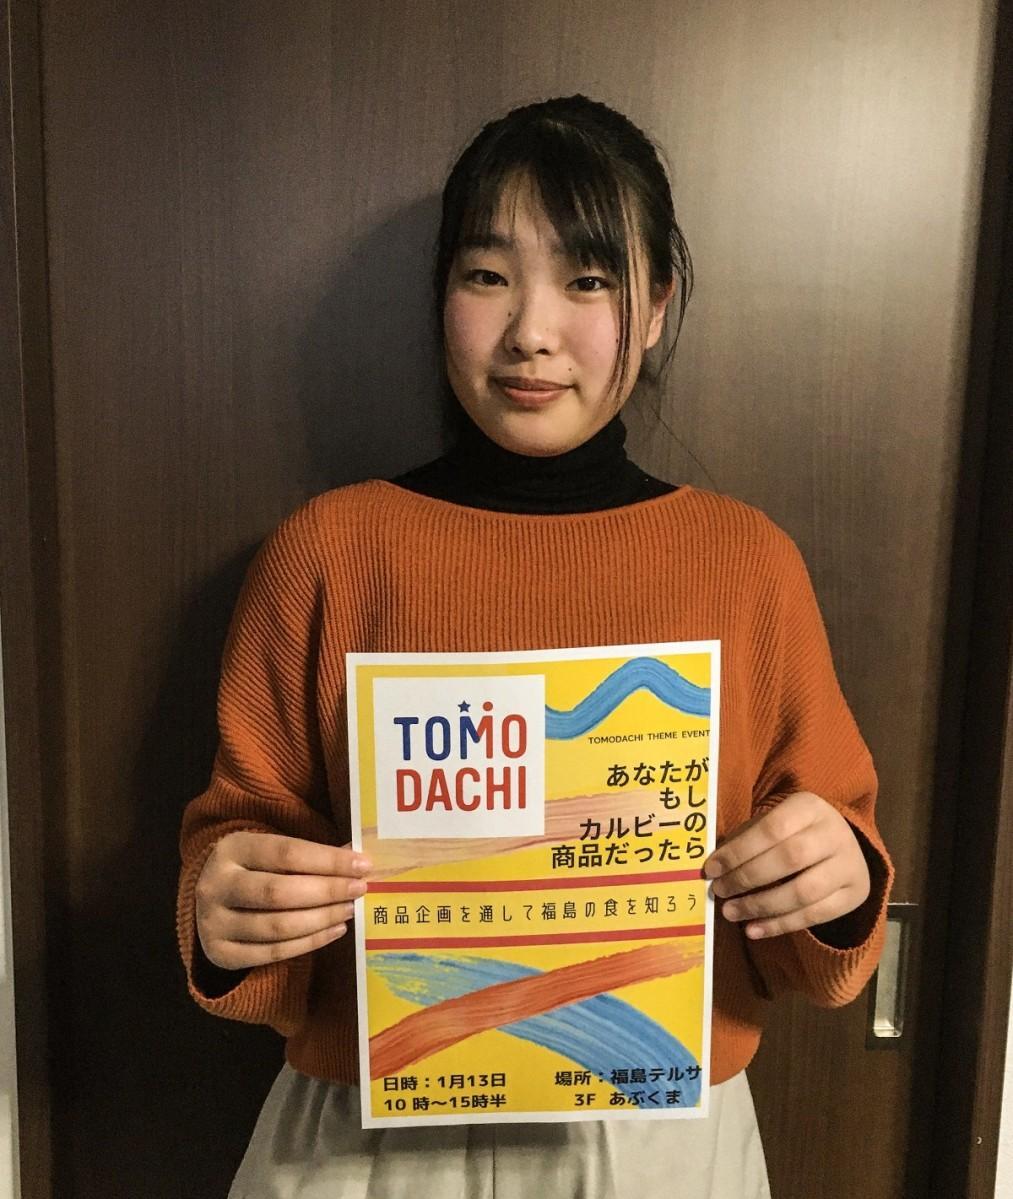 イベントを企画した福島成蹊高校3年の菅野采颯さん